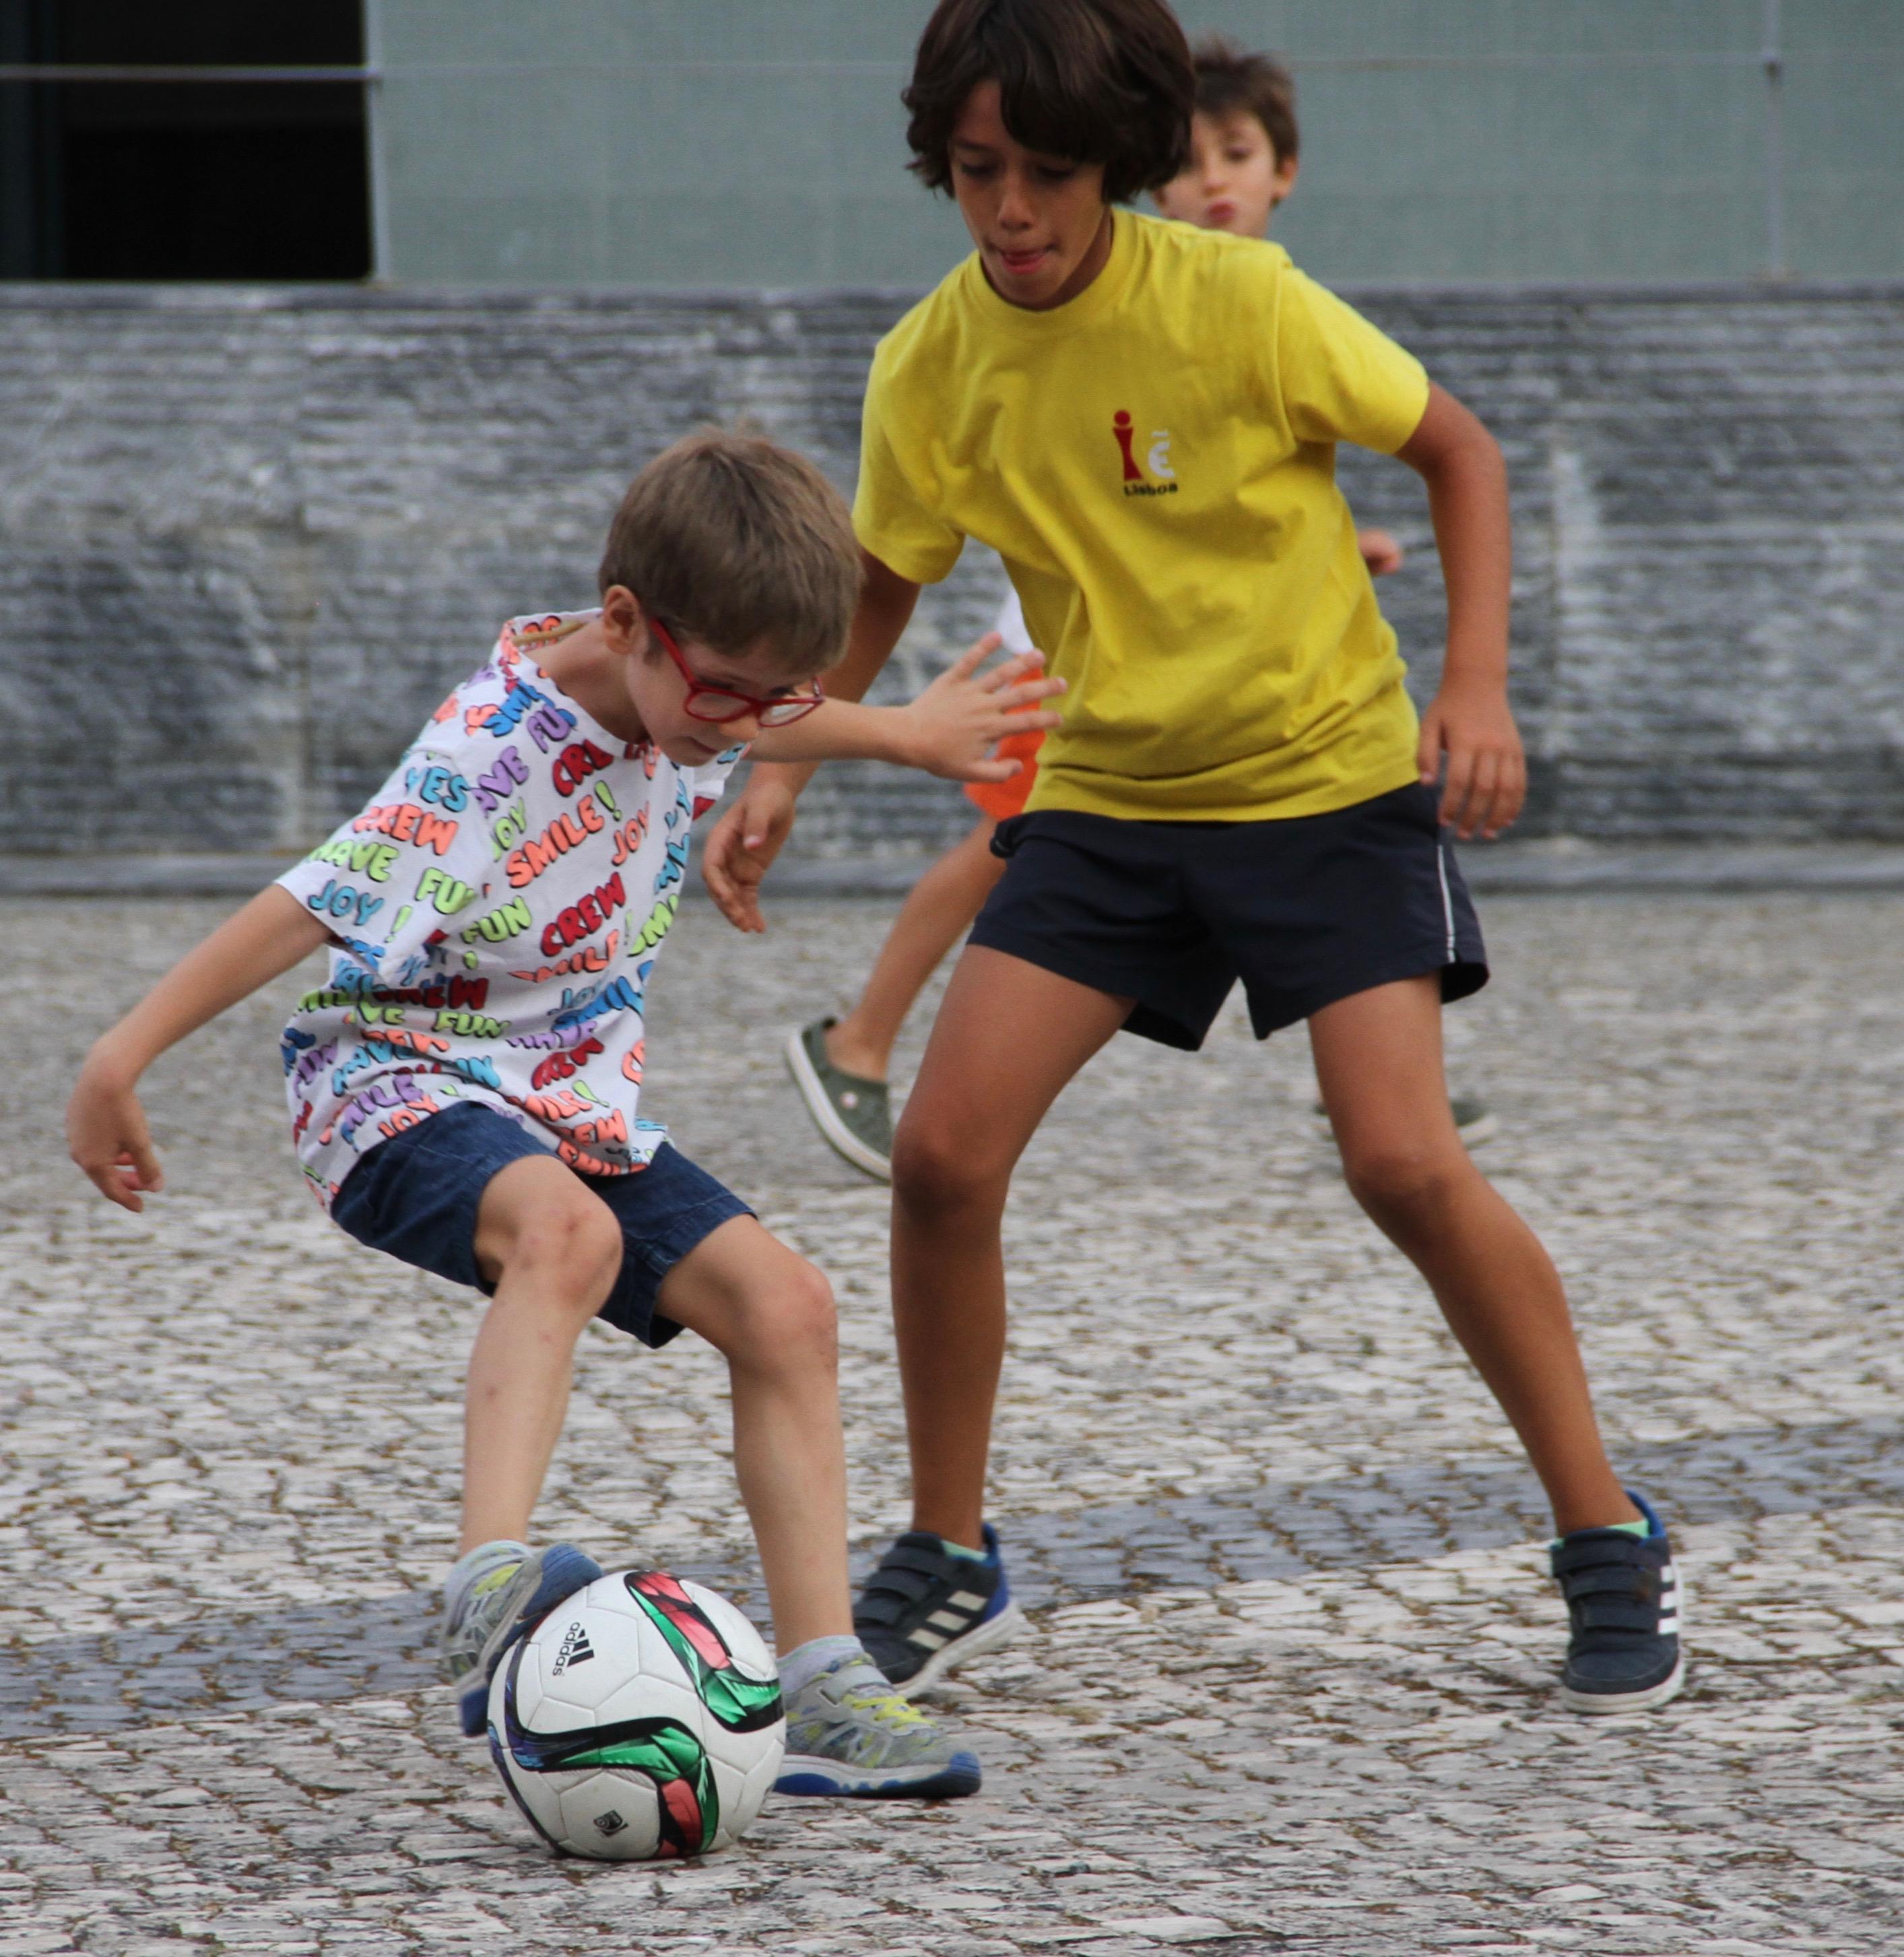 Meninos jogando futebol em uma praça em Lisboa, Portugal, no sábado, 14 de setembro de 2019.